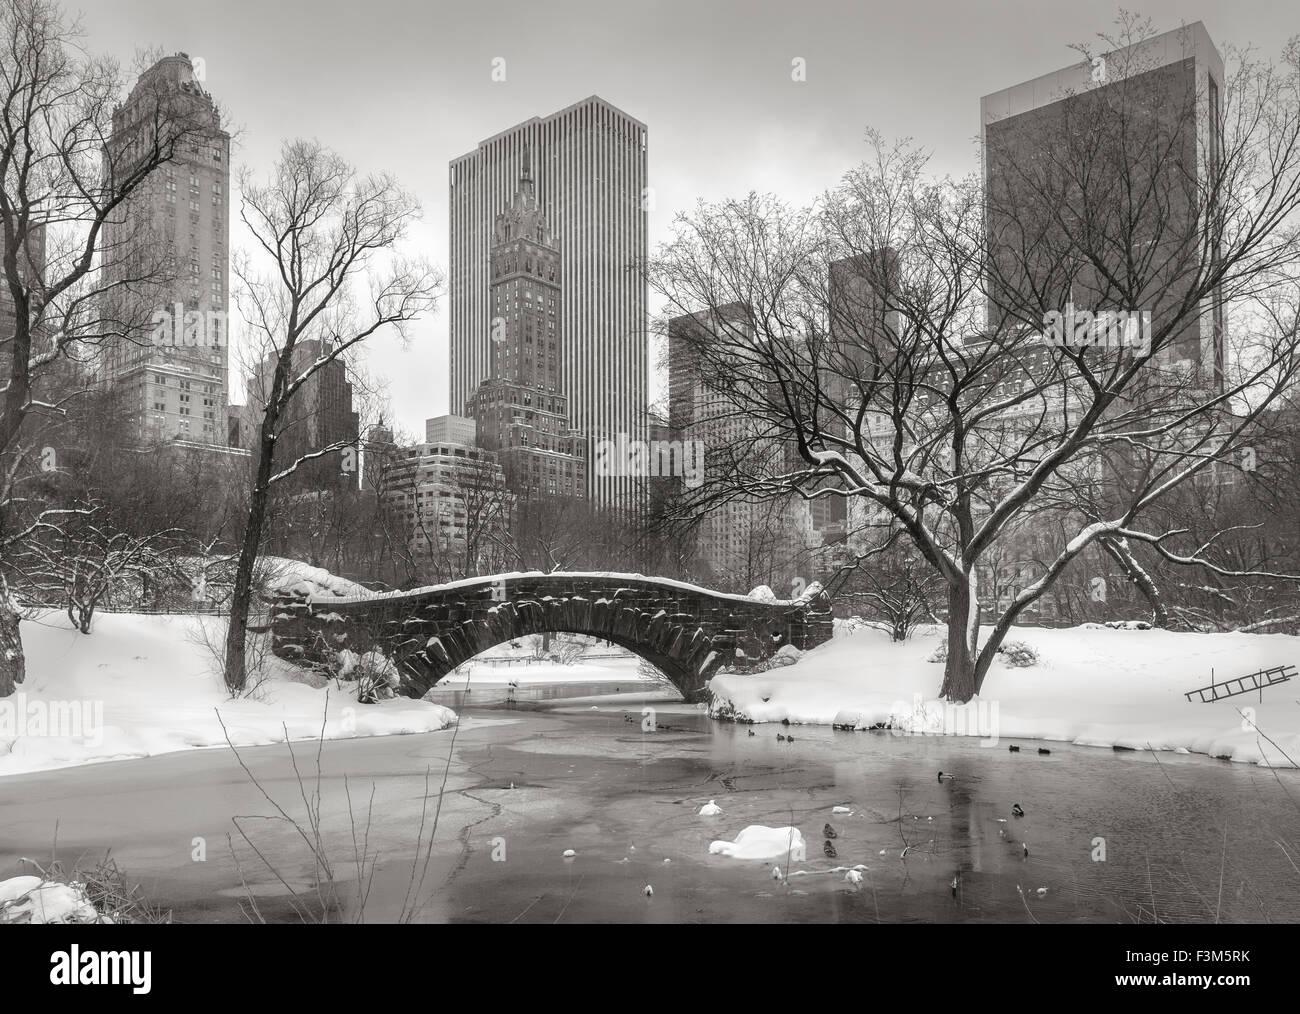 Central Park después de una tormenta de nieve con el estanque congelado, y Gapstow Bridge cubiertos de nieve. Imagen De Stock